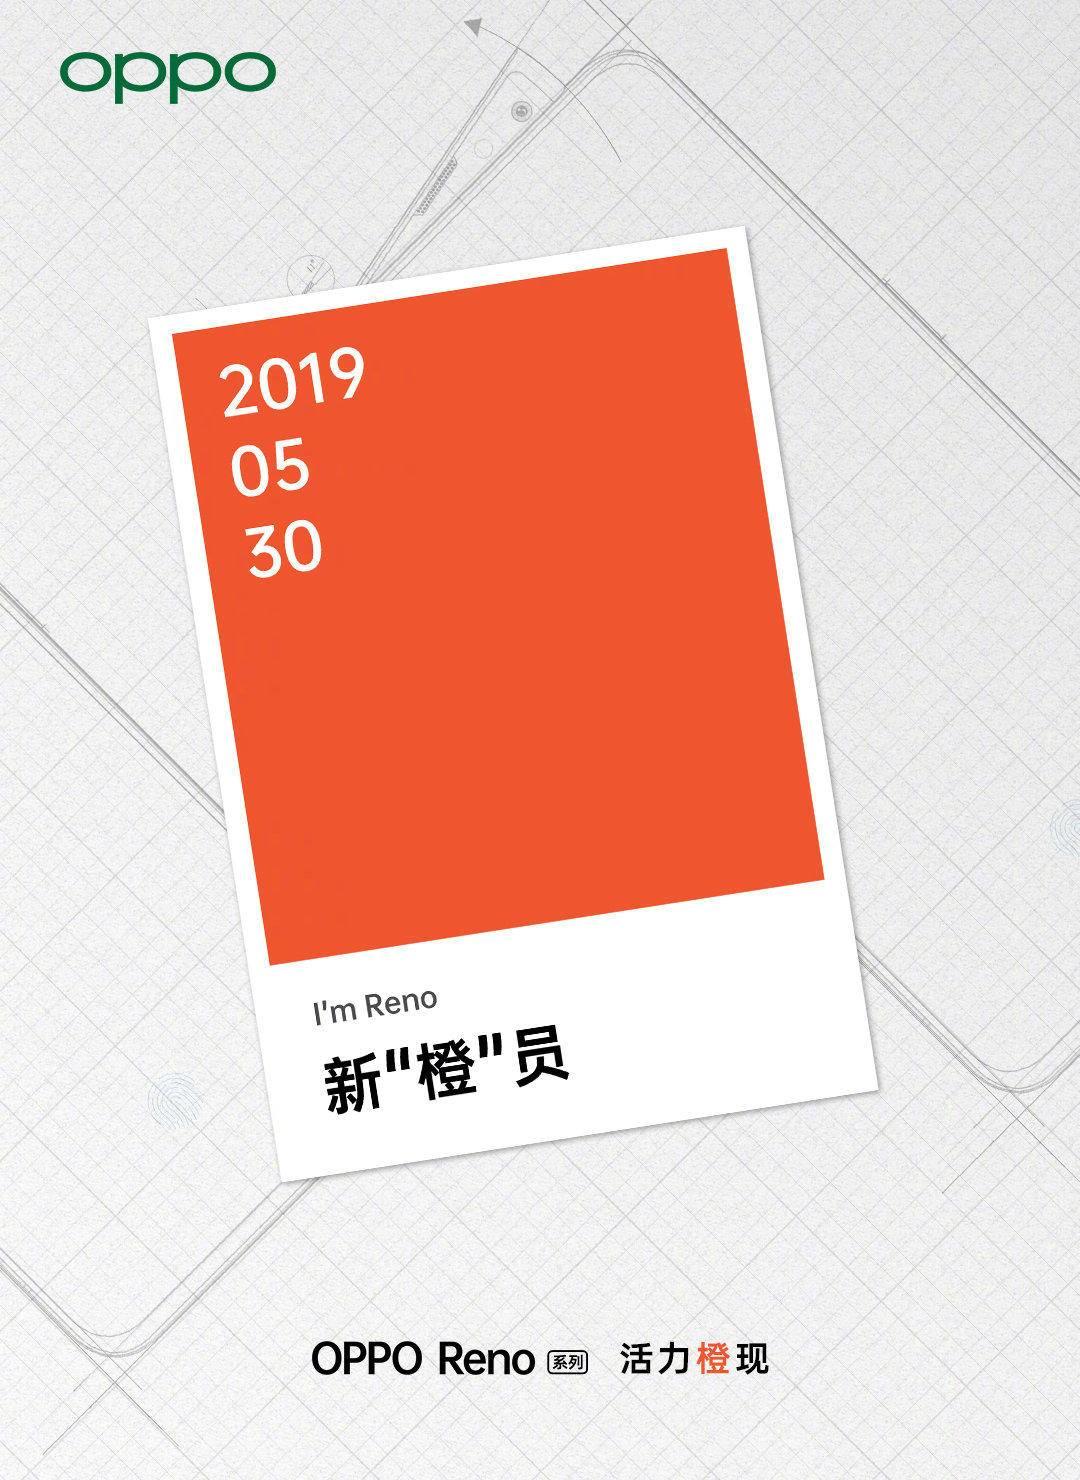 """""""橙""""包你的活力夏日 OPPO新""""橙""""员30号上线!"""